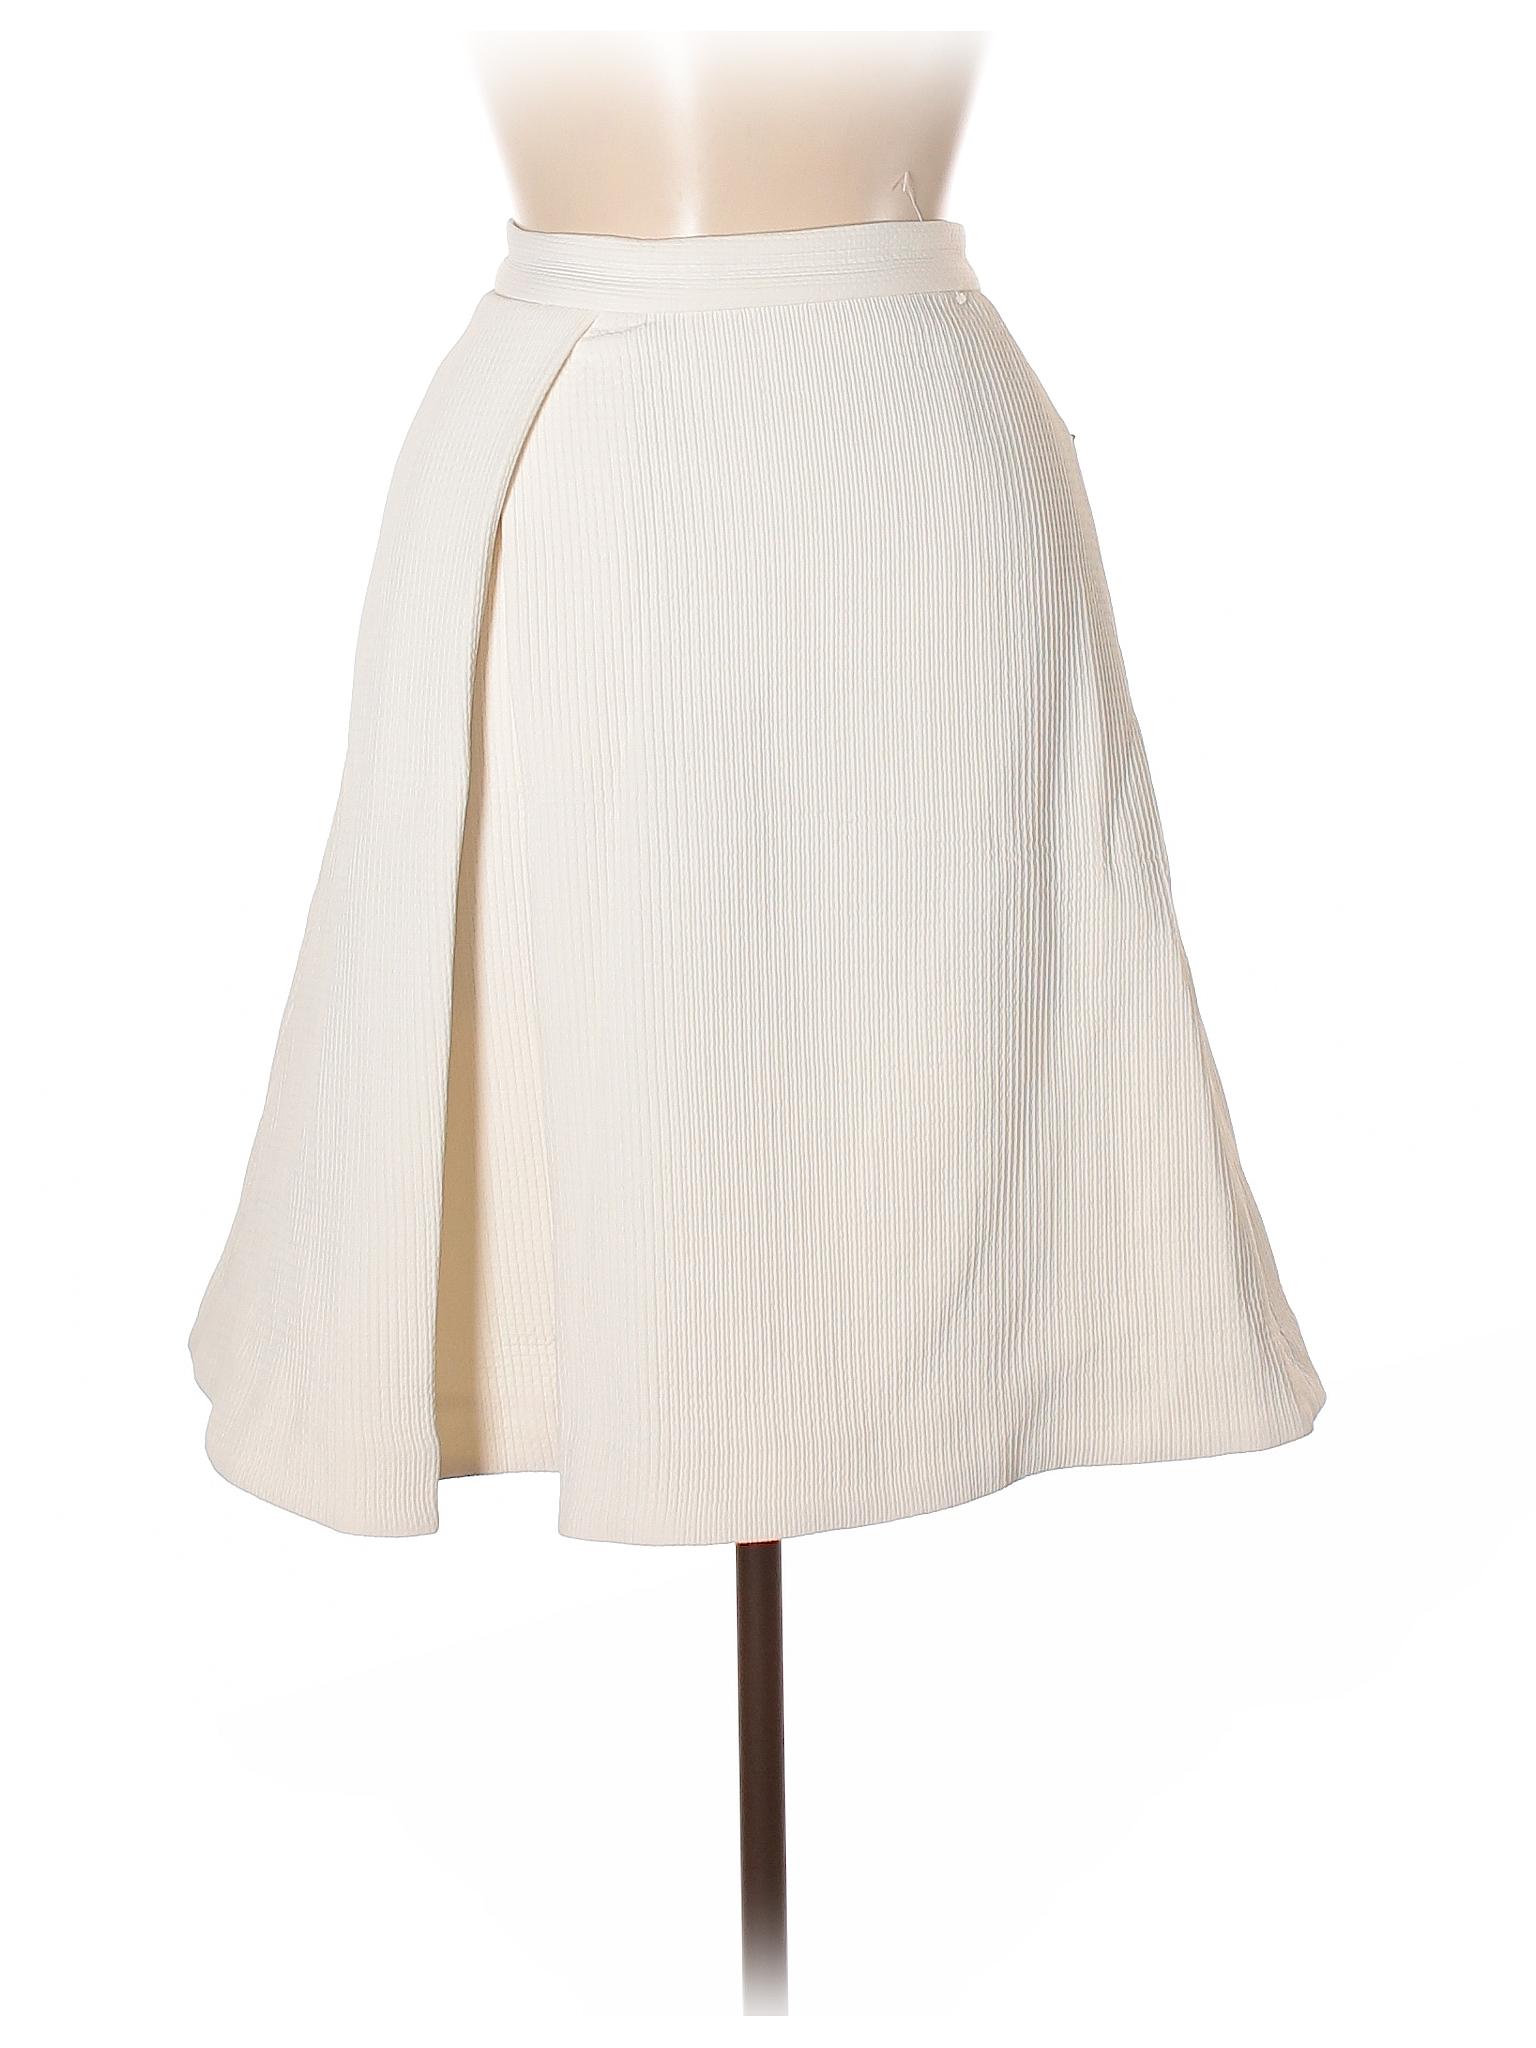 Boutique Casual Boutique Skirt Boutique Skirt Casual Casual Boutique Boutique Skirt Skirt Casual zFzaX